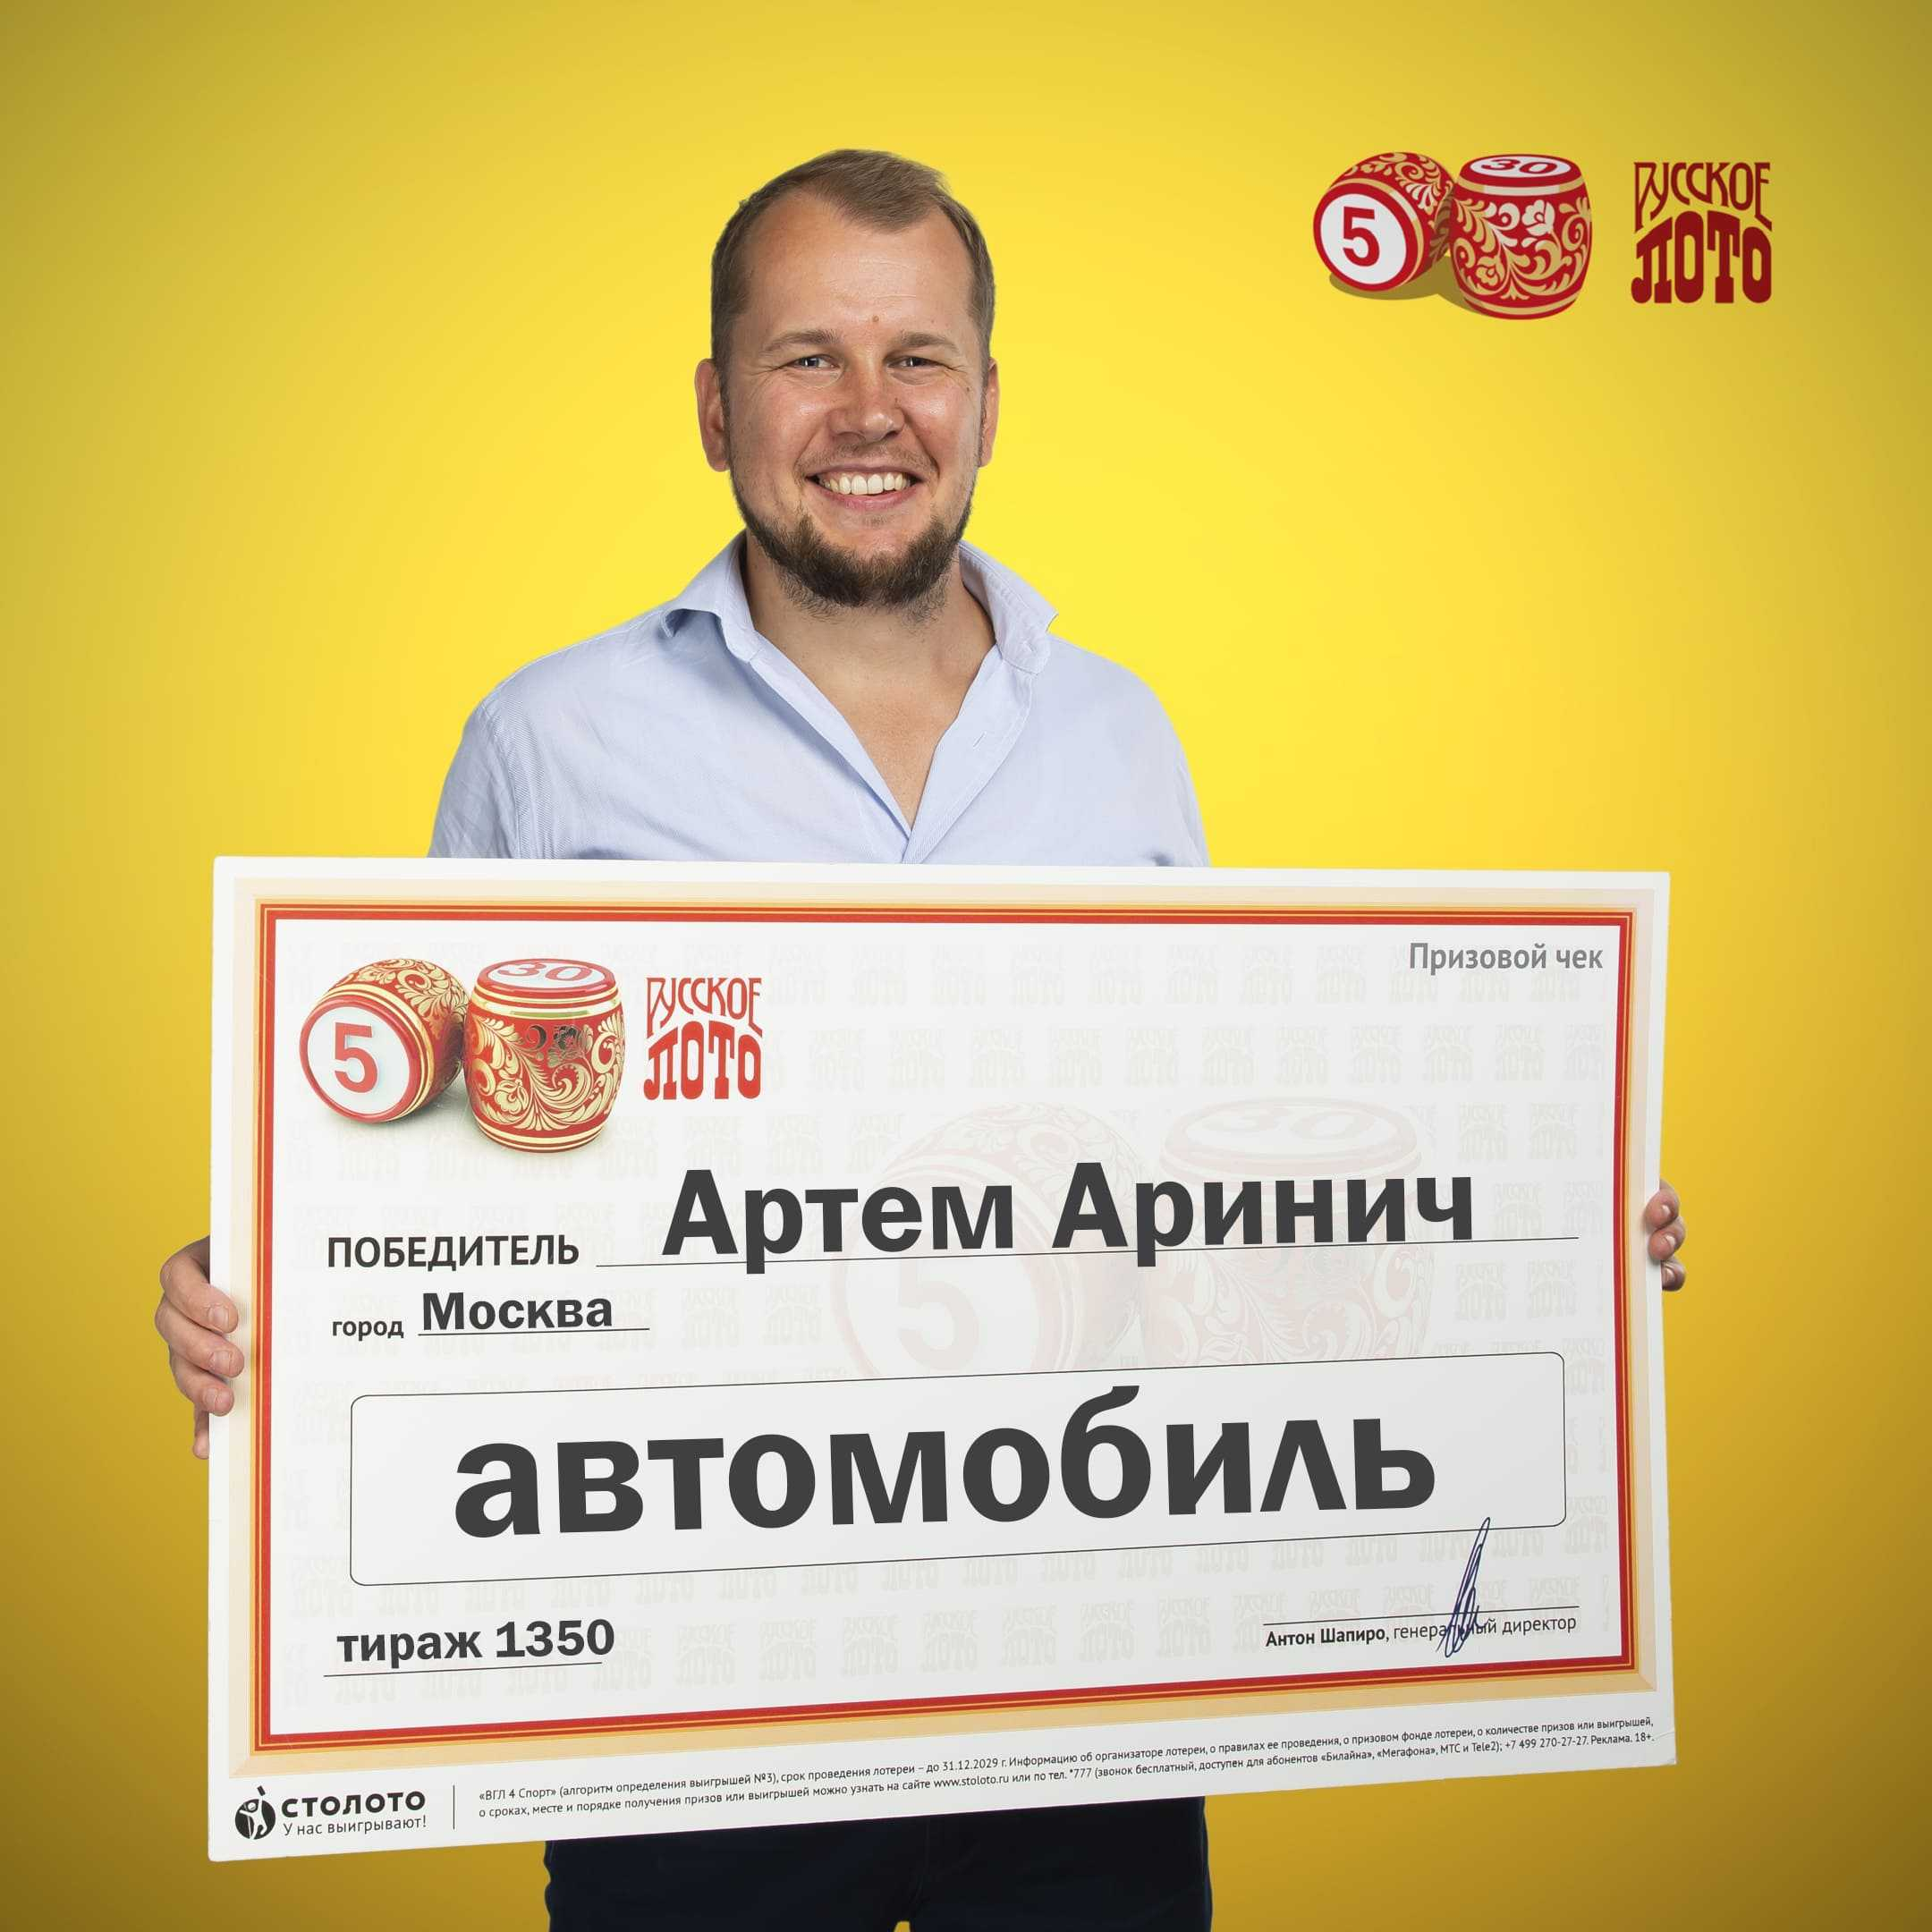 Как играть в лотерею топ-3 онлайн?